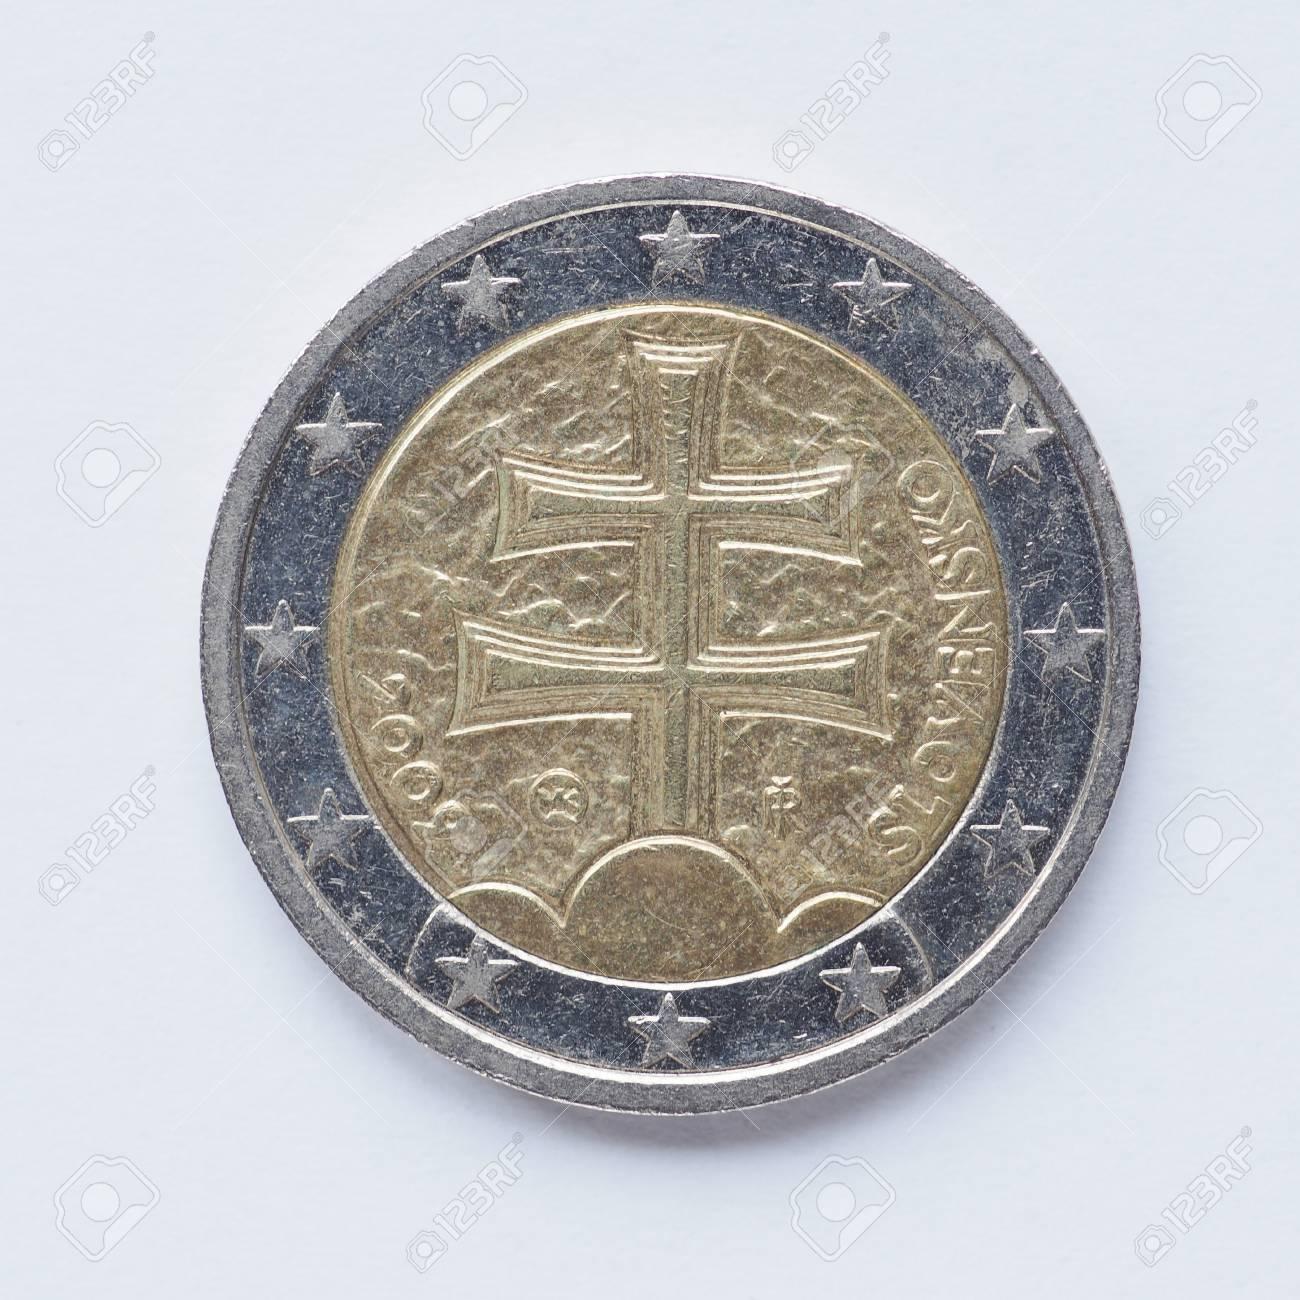 Währung Europas 2 Euro Münze Aus Der Slowakei Lizenzfreie Fotos